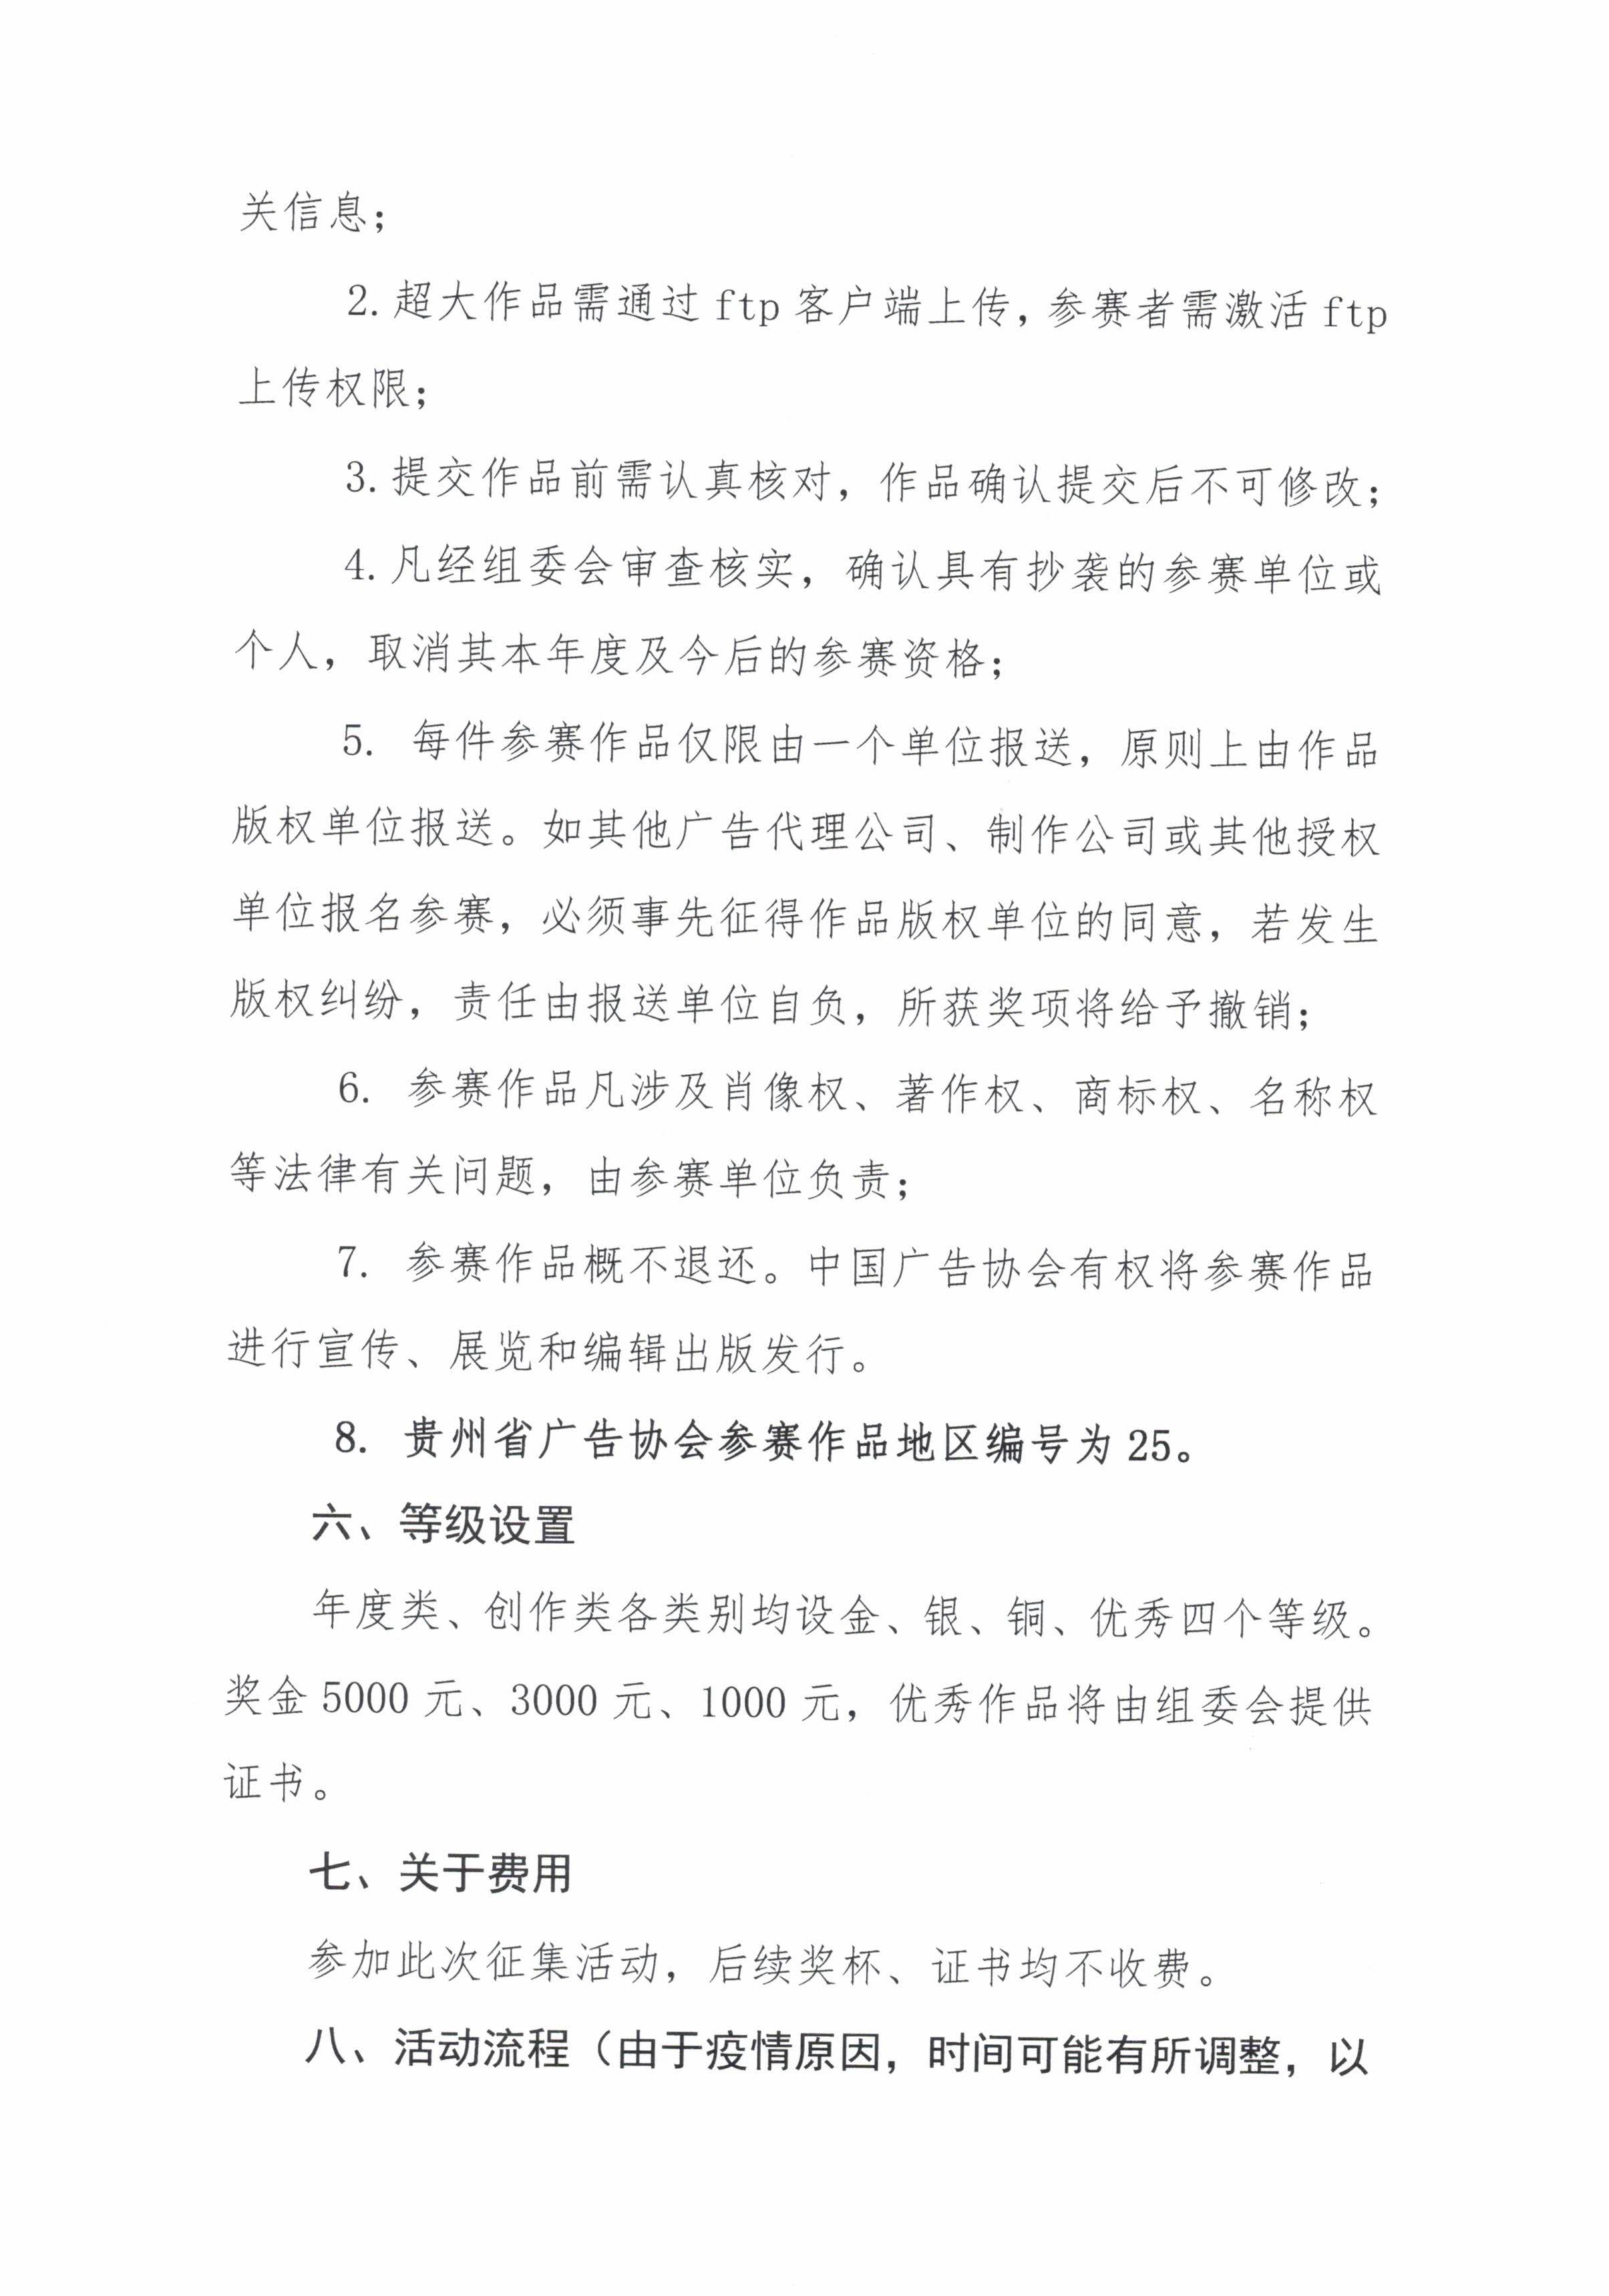 """关于第27届中国国际万博maxbet官网下载节""""黄河奖""""作品征集的通知_000040.jpg"""